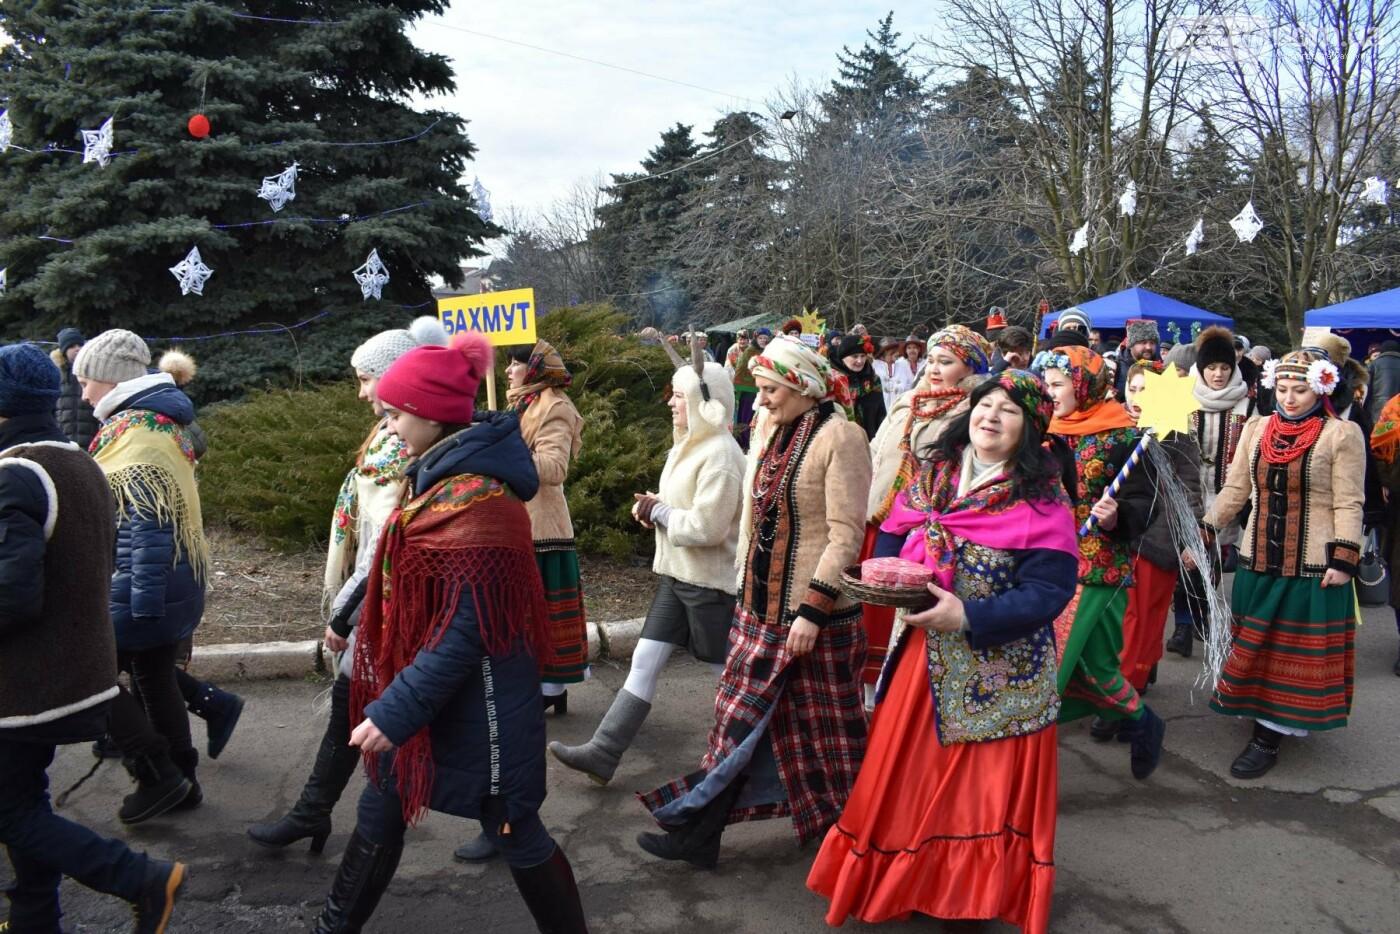 Бахмутские коллективы приняли участие в фестивале вертепов «Рождественский перезвон», фото-6